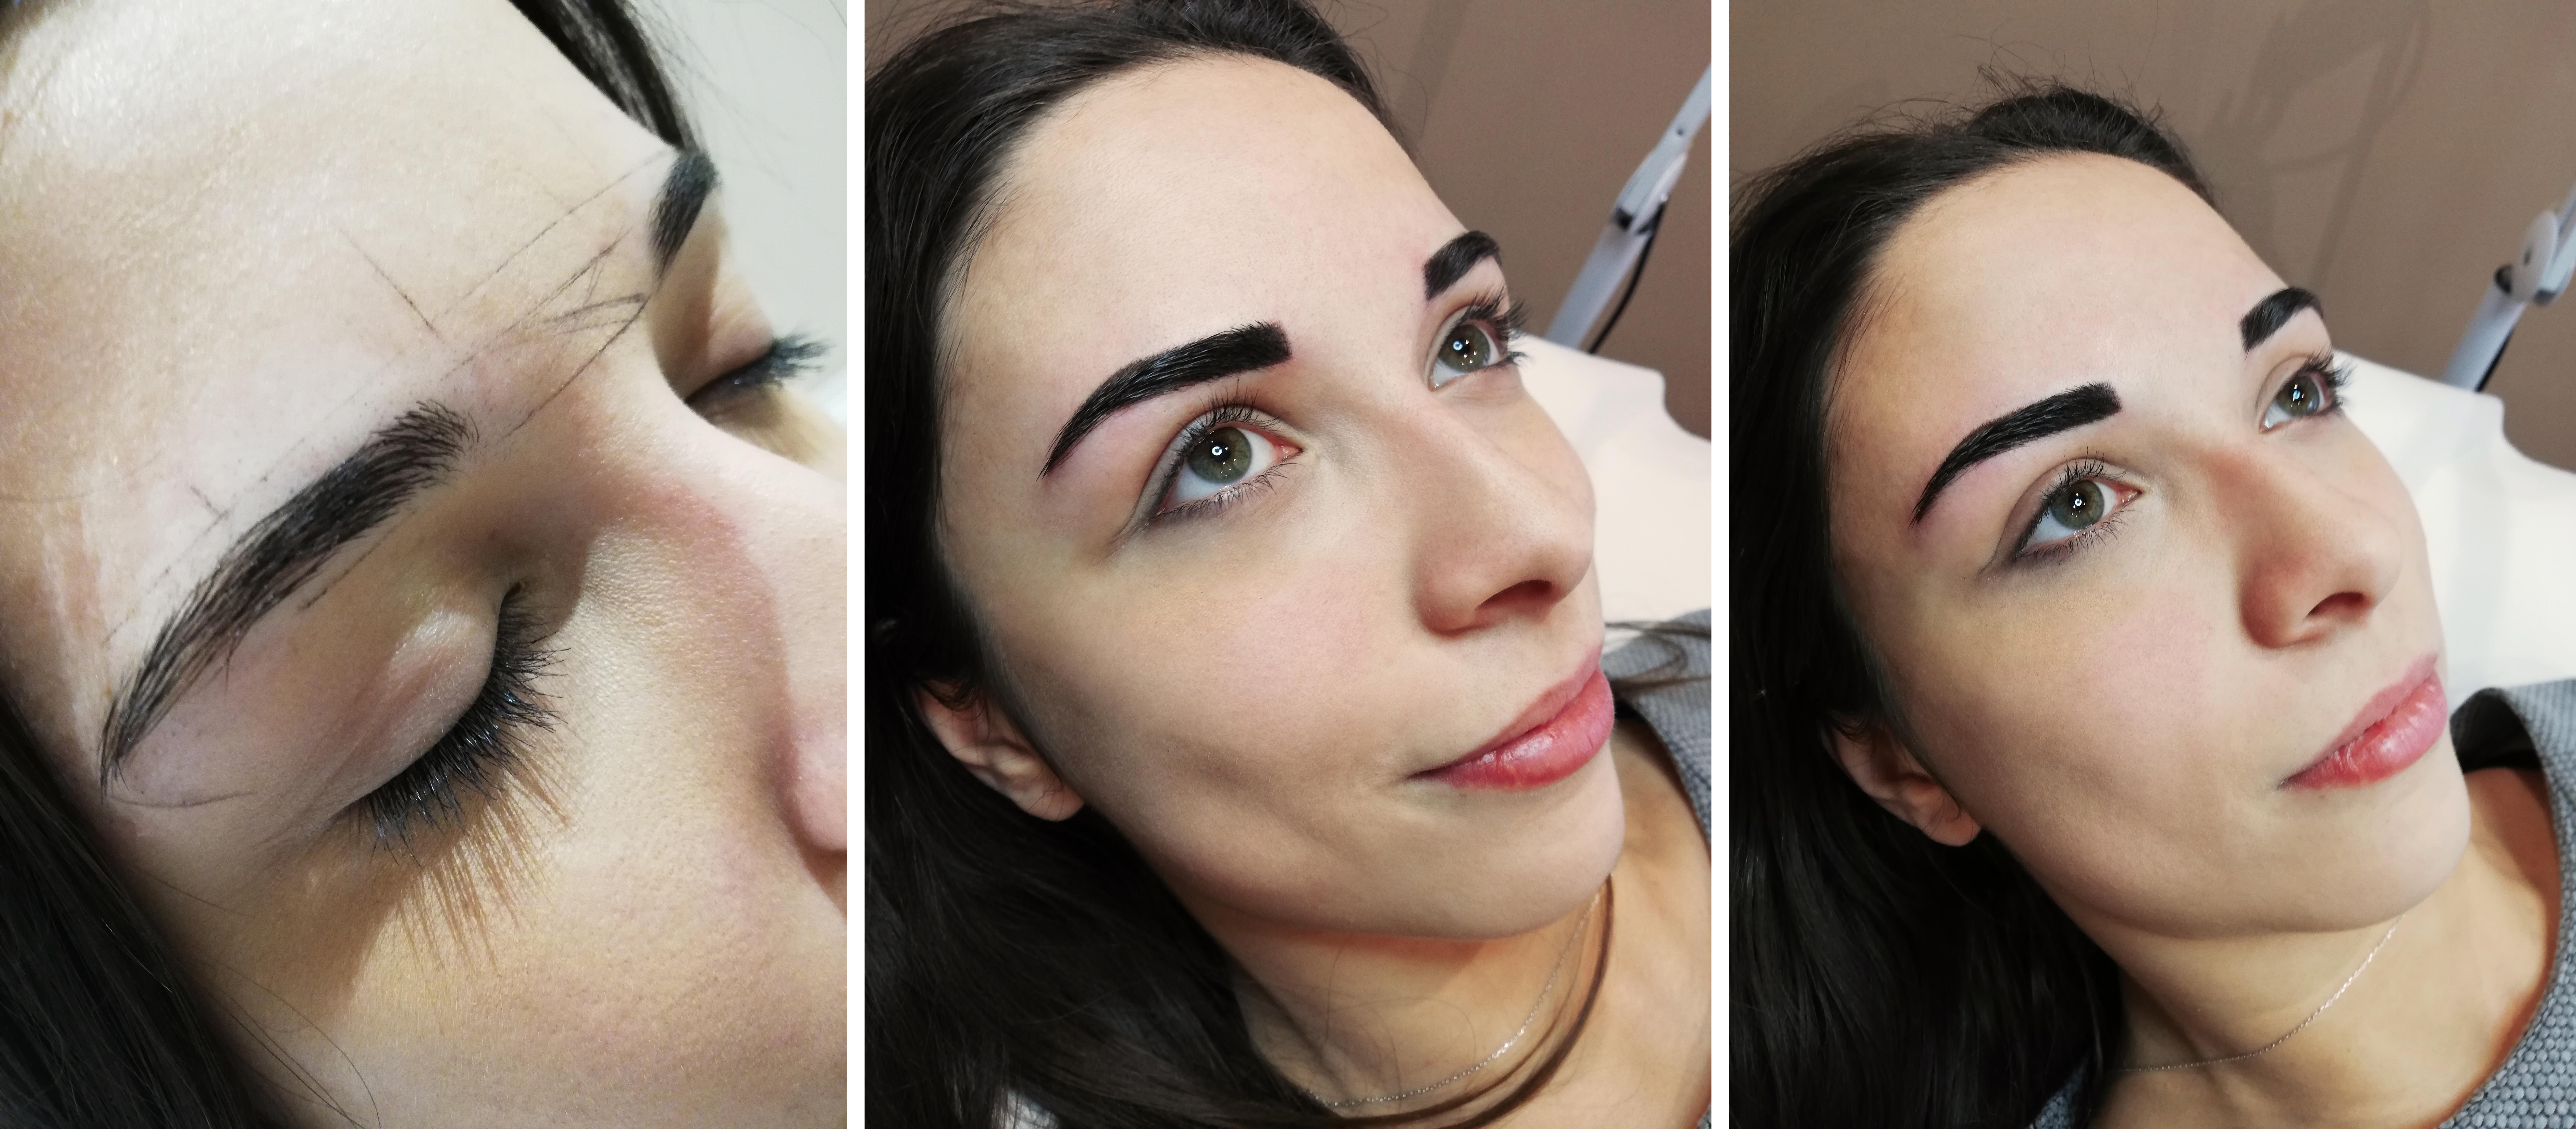 makijaż permanentny Gliwice/permanentny brwi Gliwice